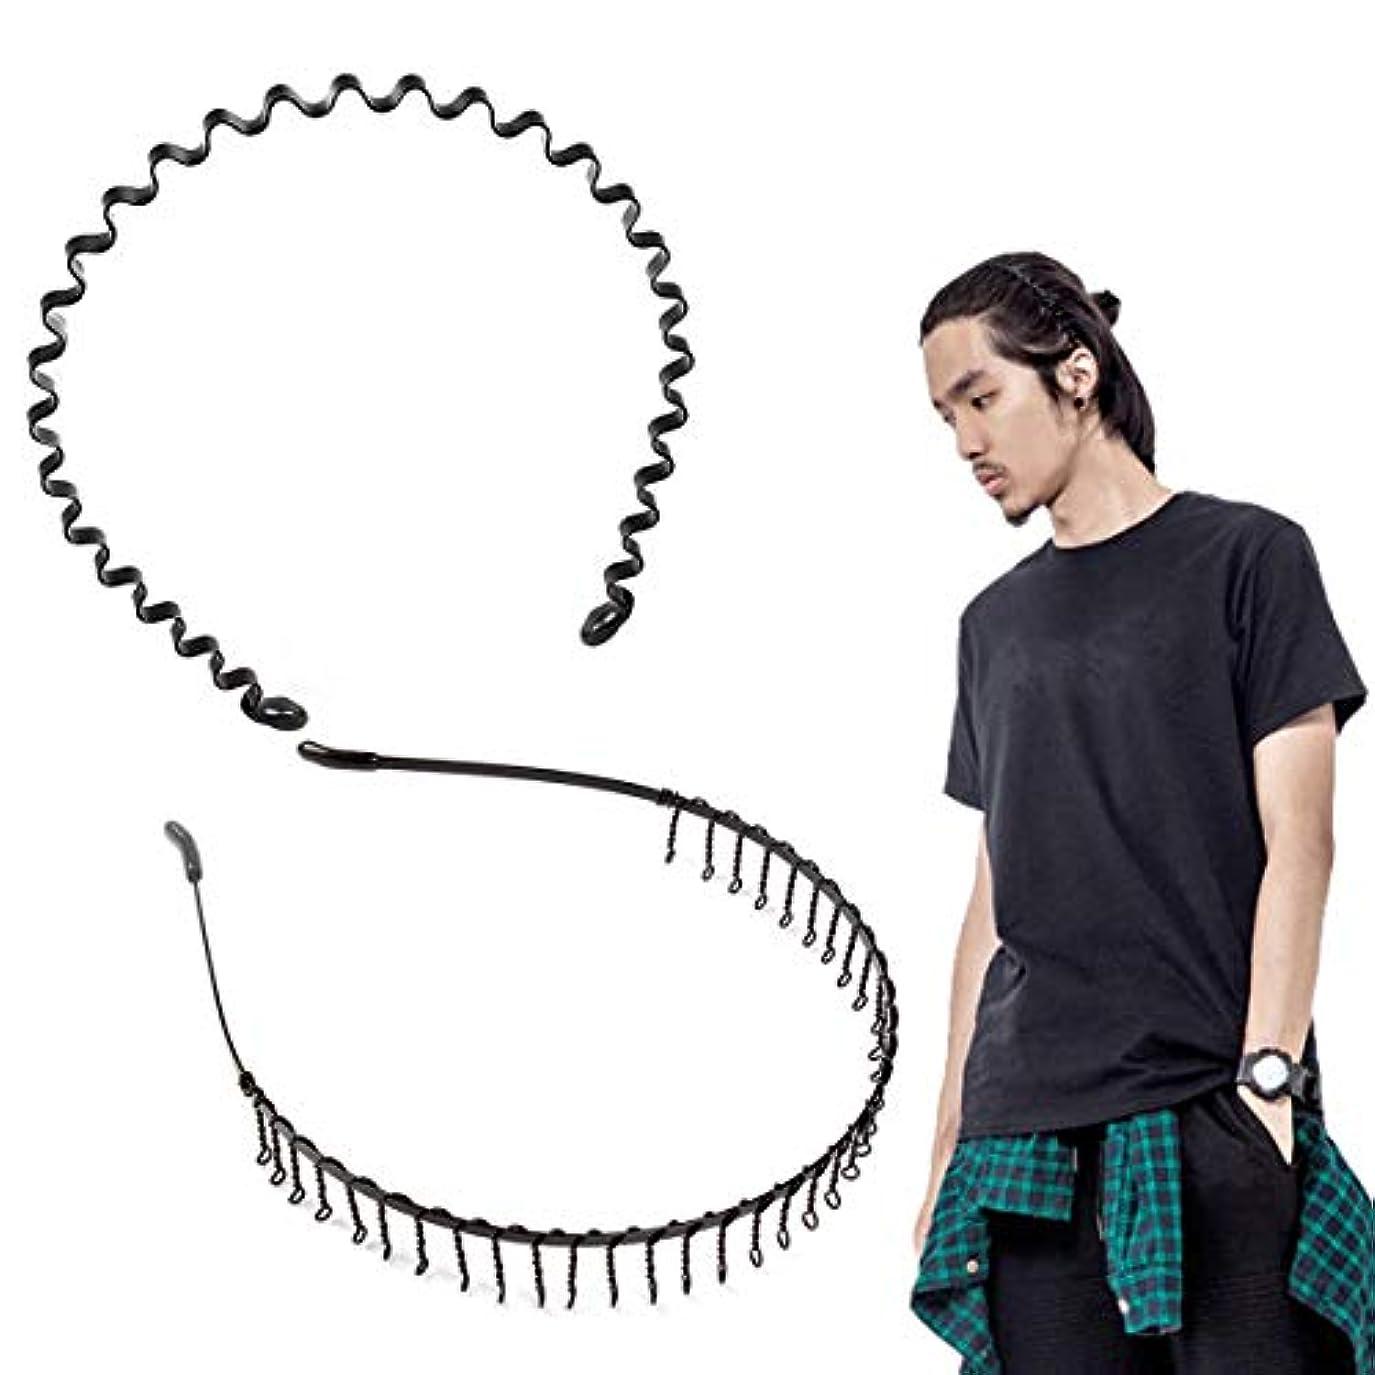 消える軽減する幻想的shefun メンズ カチューシャ スプリング ヘアバンド 鉄 波型 くし付き 滑り止め 痛くない 黒 シンプル 前髪 髪飾り 2本セット JP159